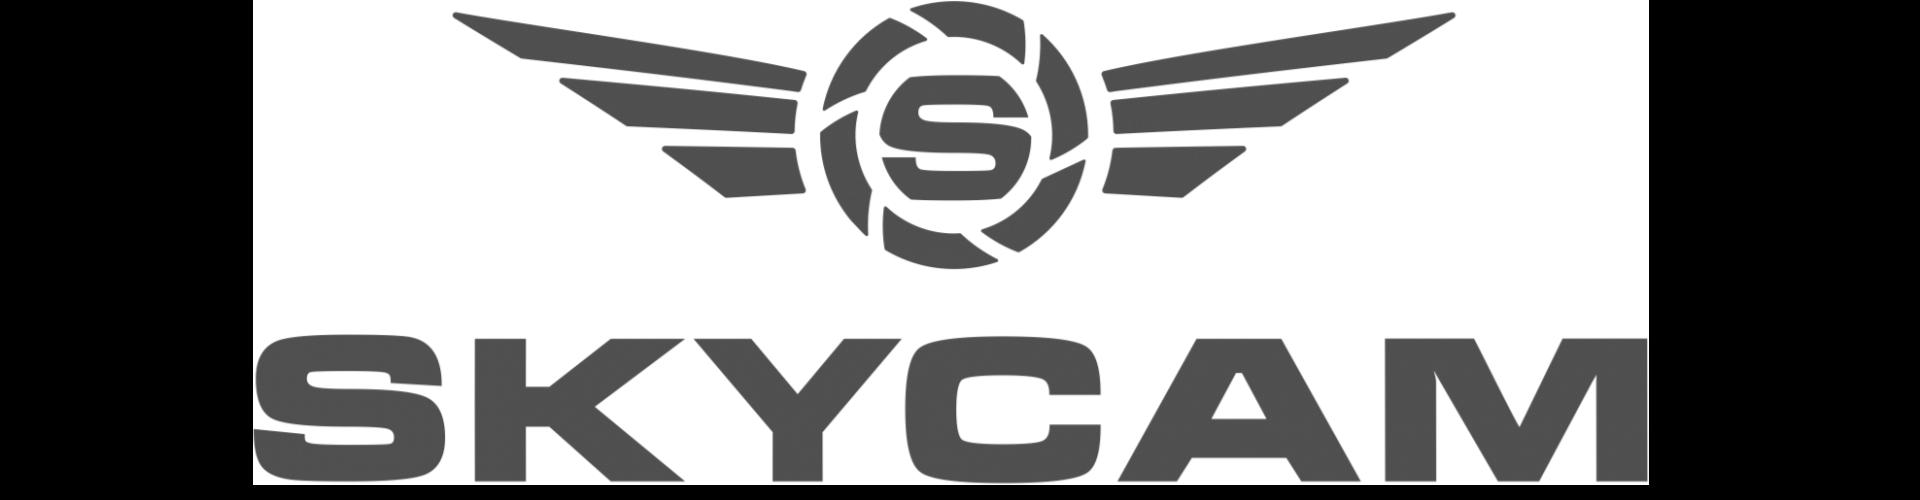 skycam.png